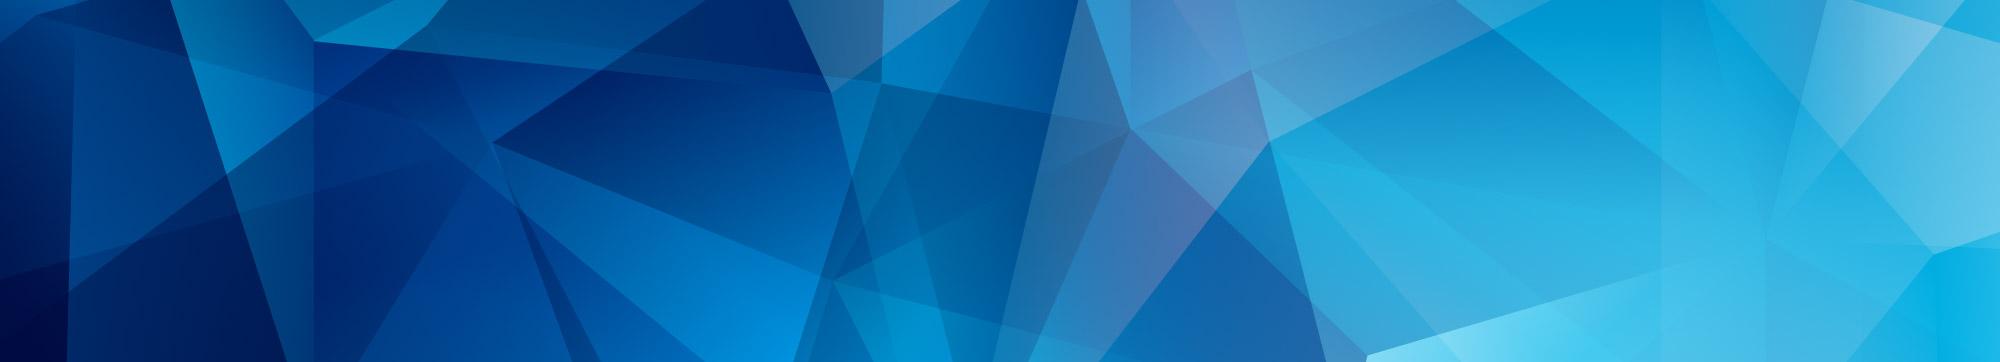 header blue